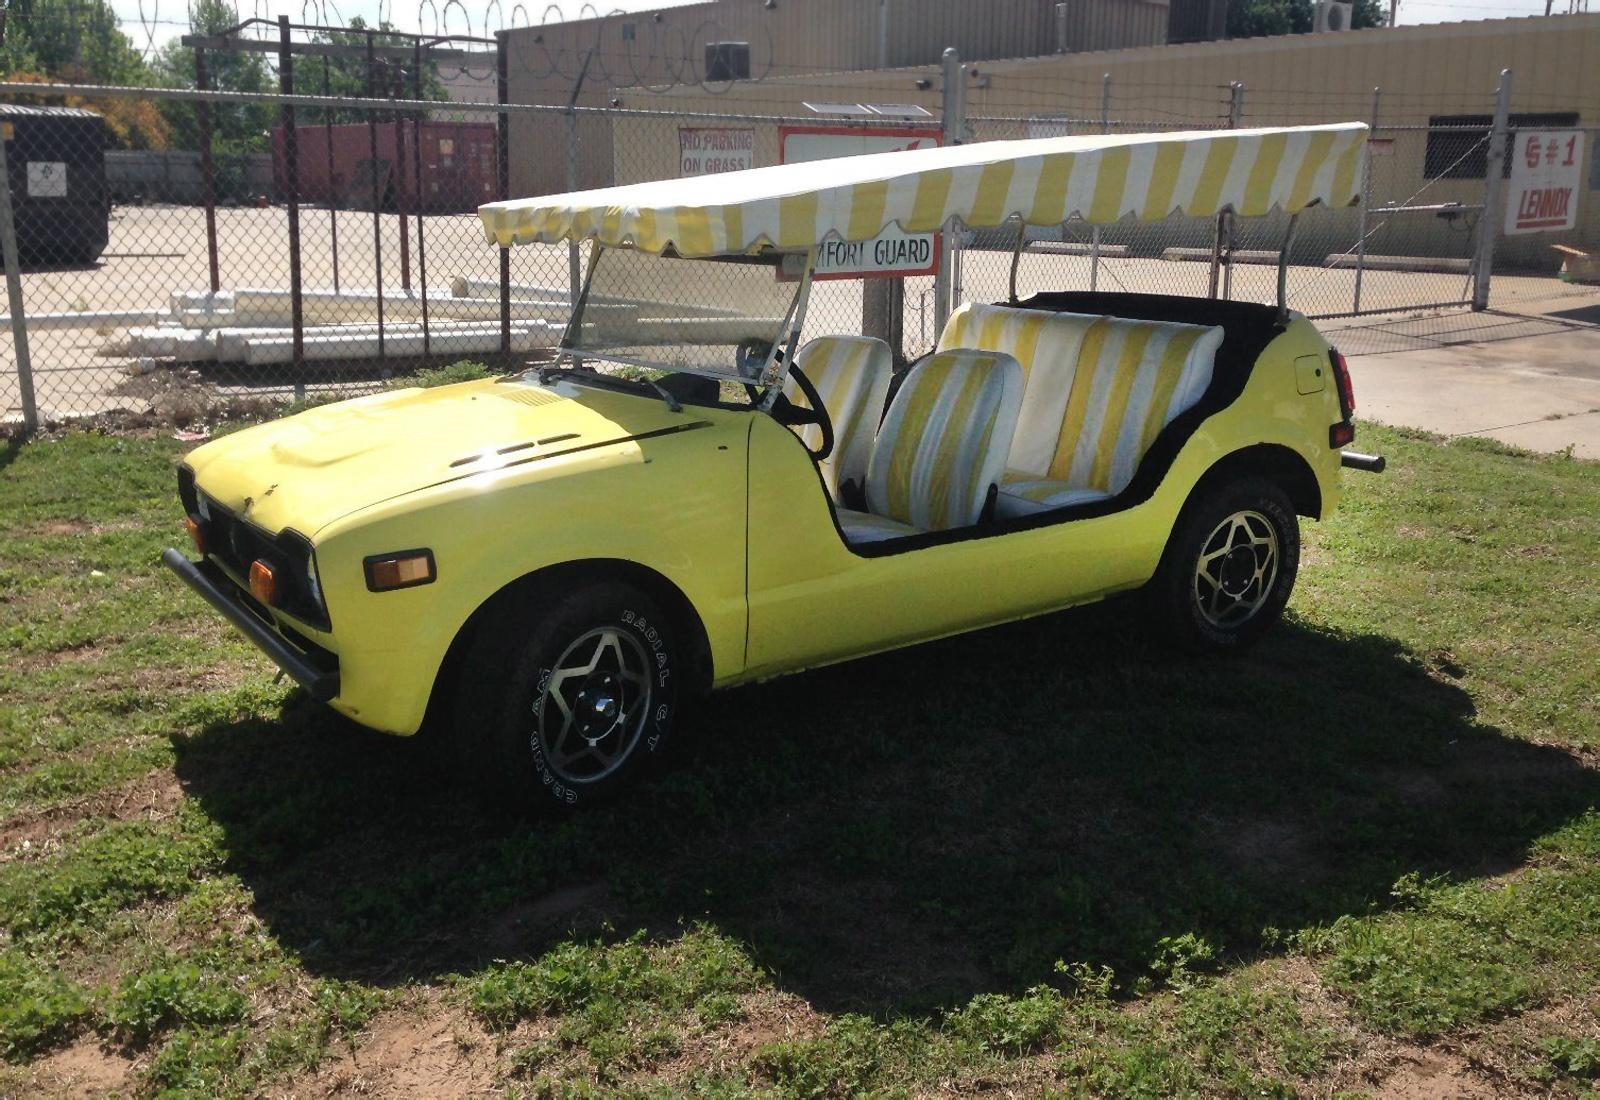 De Plane, De Plane! 1973 Honda Jolly